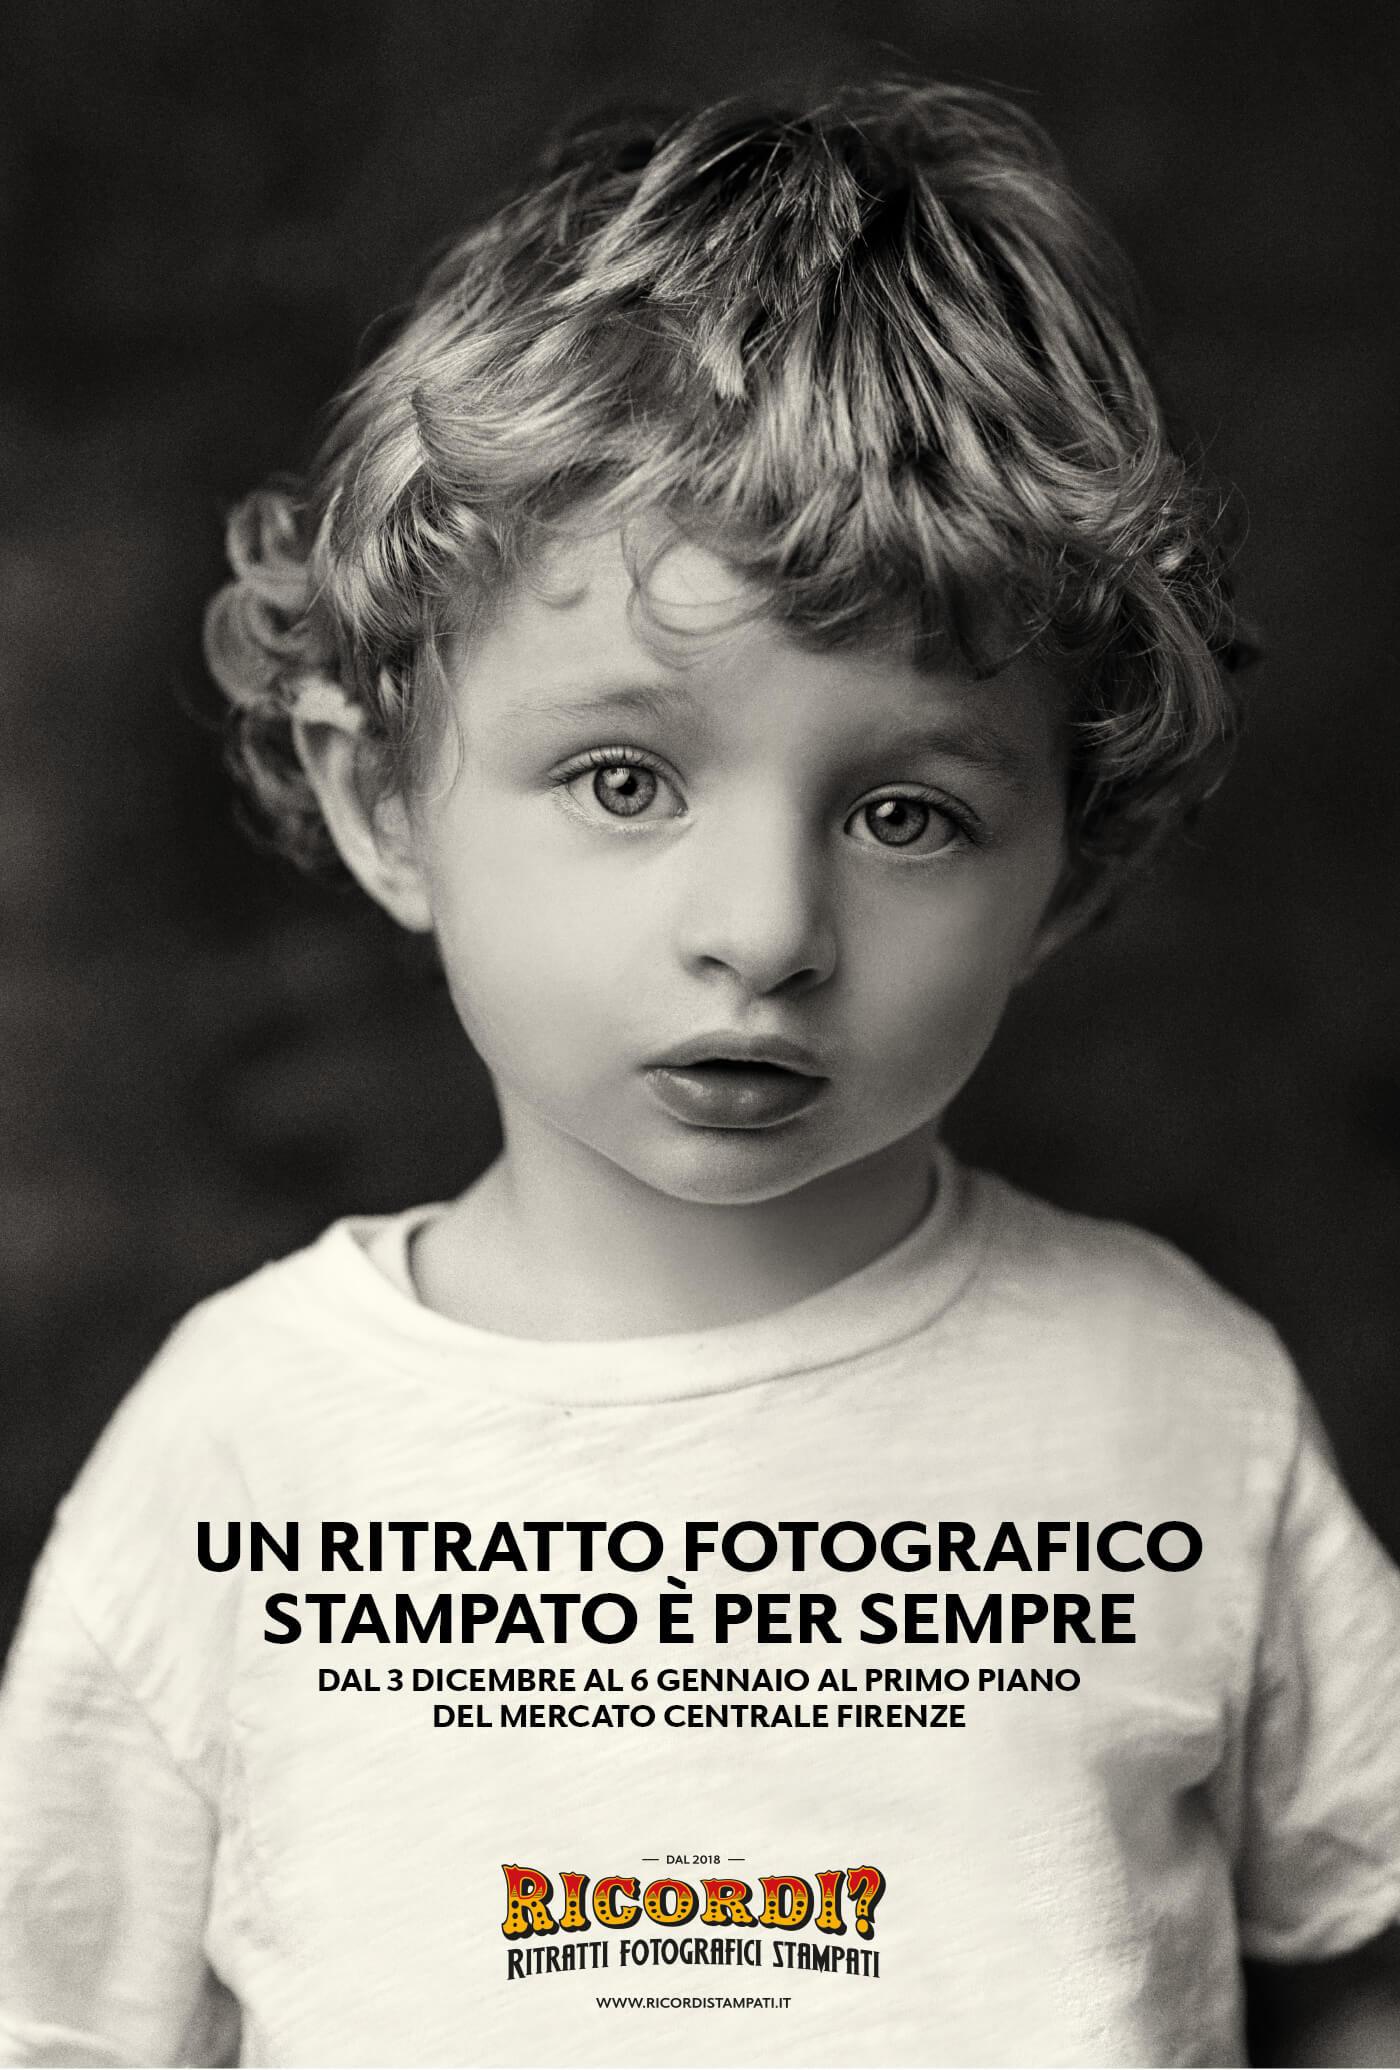 Un Ritratto Fotografico Stampato è per sempre. Mercato Centrale Firenze